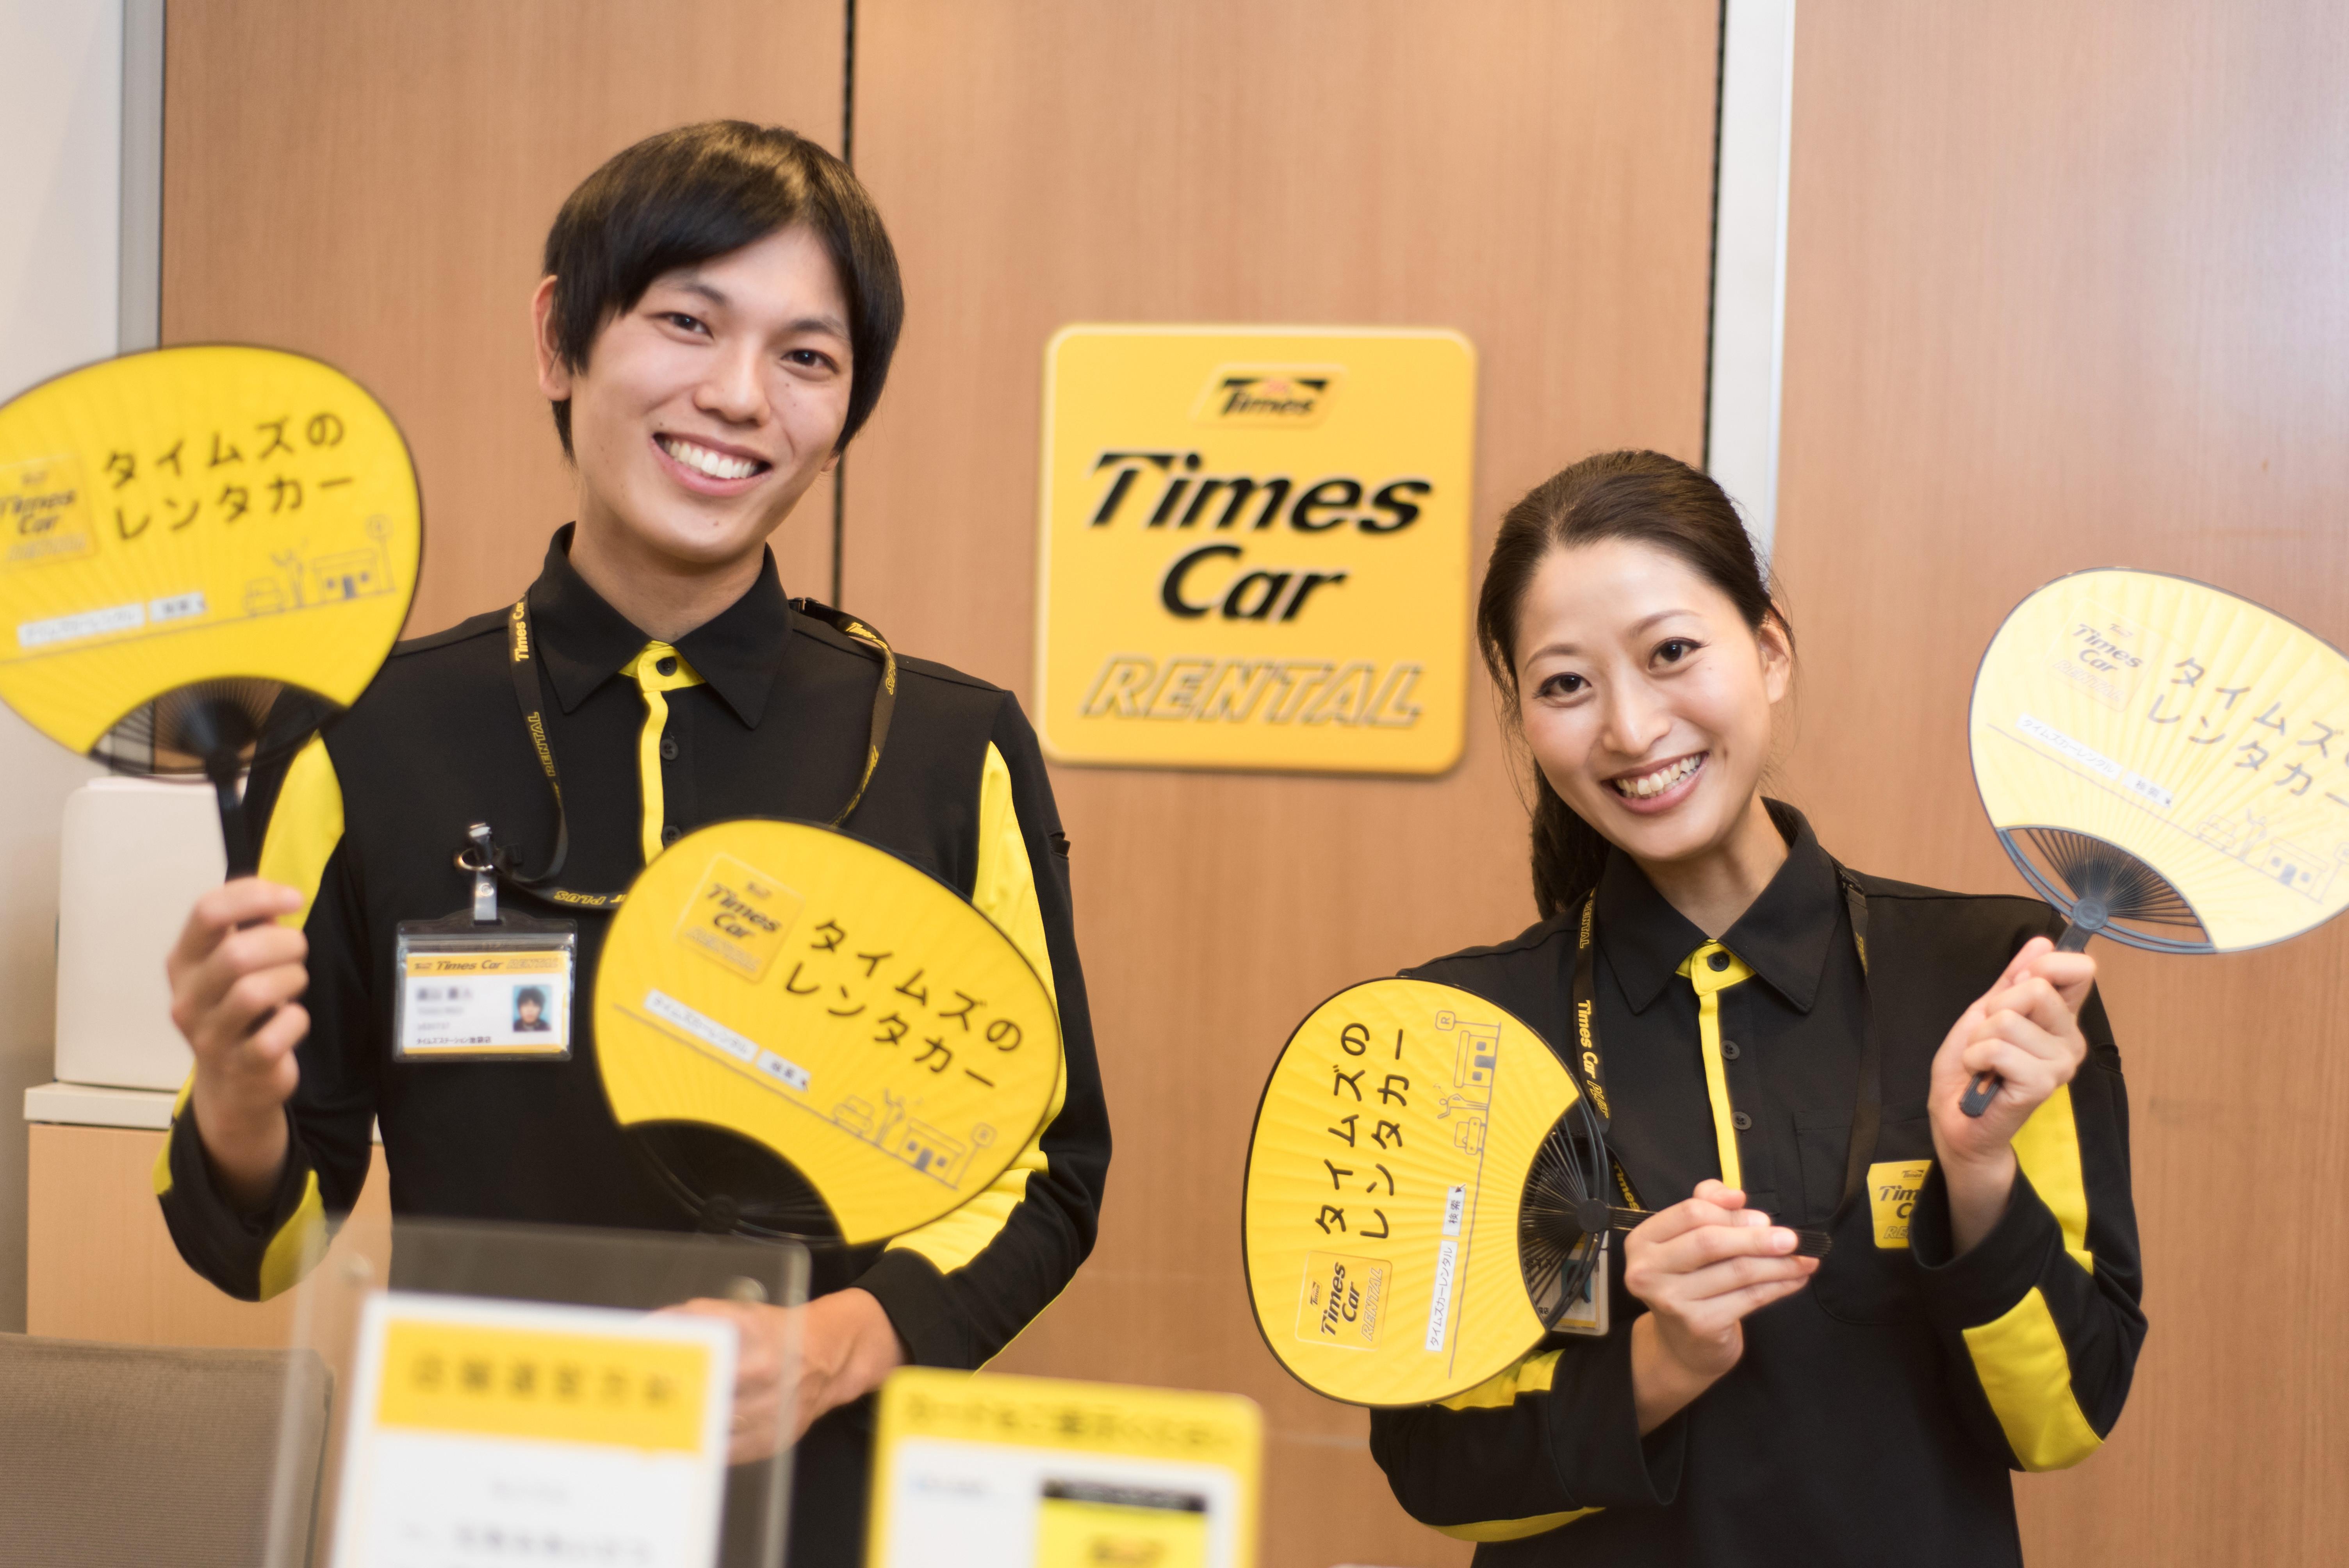 タイムズカーレンタル 仙台空港店 フルタイムスタッフのアルバイト情報